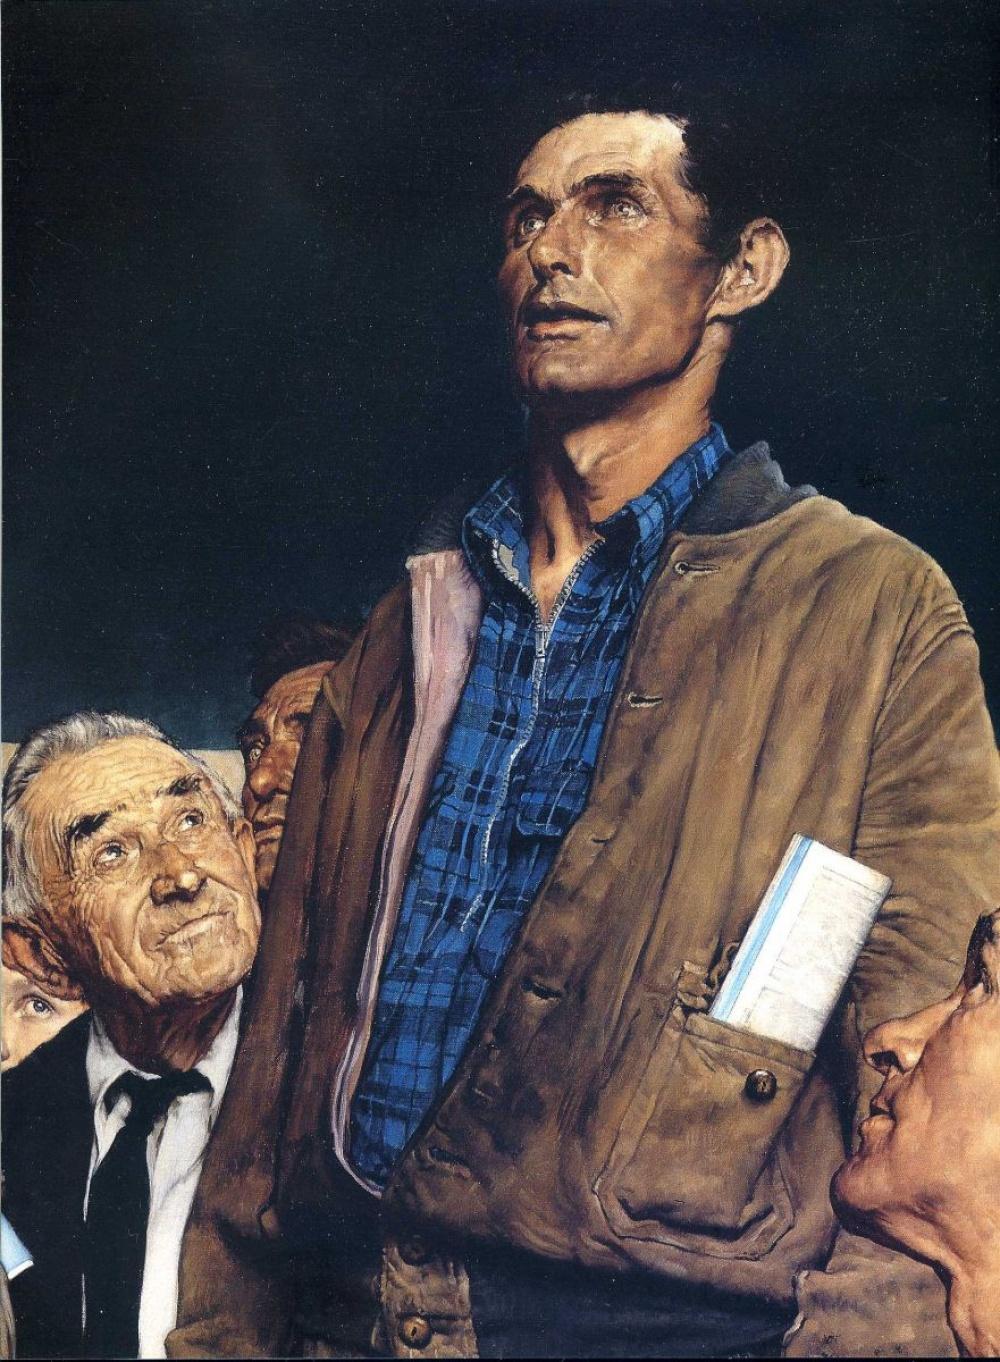 Самая известная работа Роквелла— это серия картин «Четыре свободы», вдохновленные речью Рузвельта о